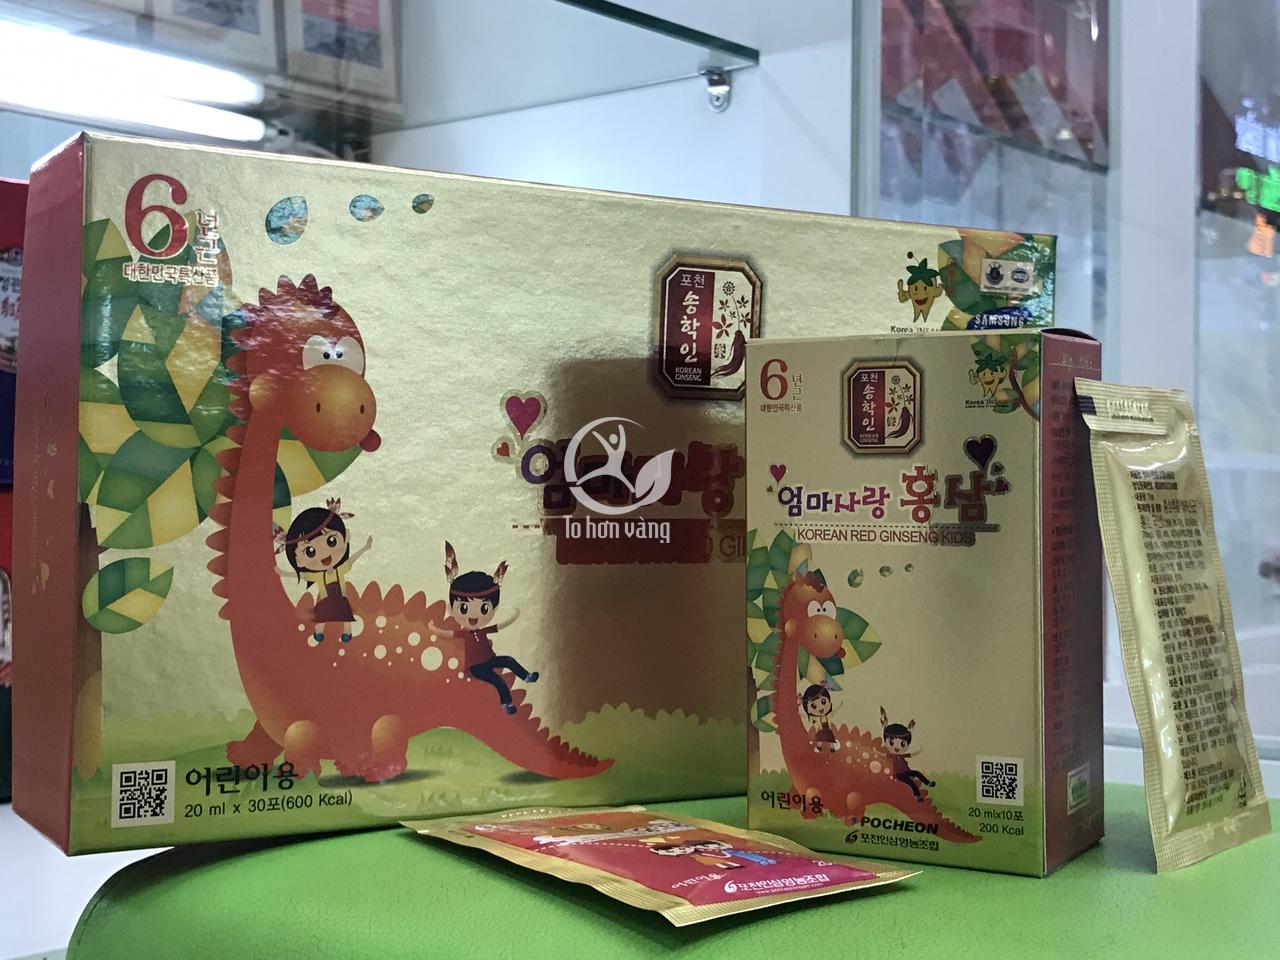 Hình ảnh chi tiết hộp Hồng sâm baby hươu cao cổ